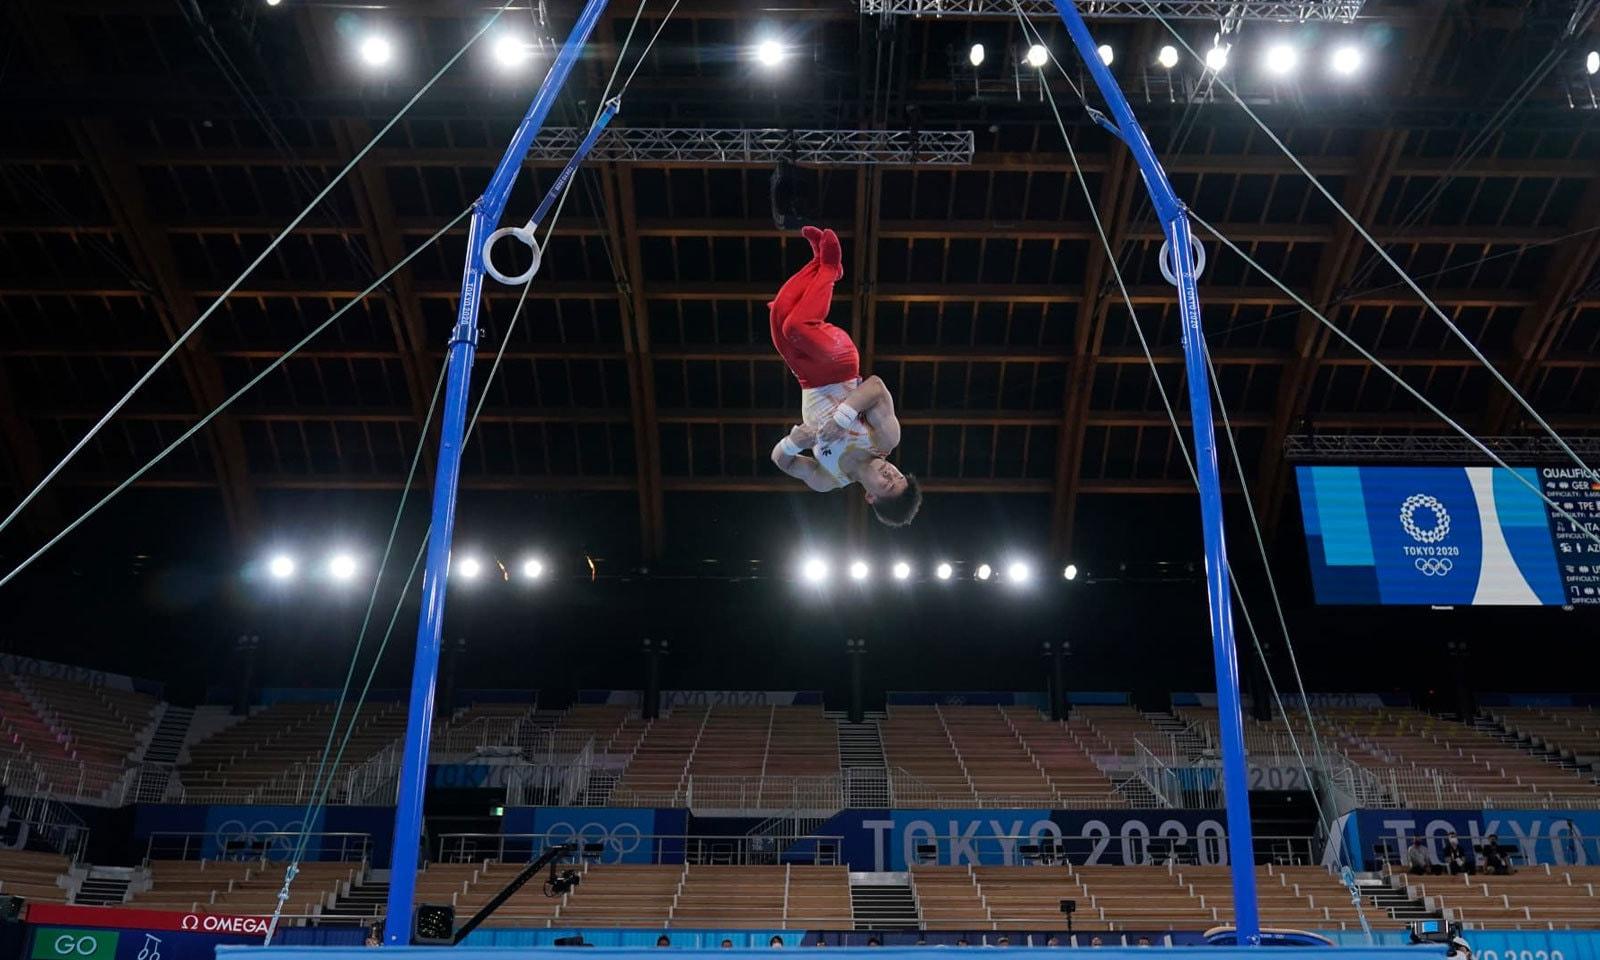 مین جمناسٹک مقابلوں میں فلپائن اولمپئن نے شان دار کارکردگی دکھائی— فوٹو: اے پی